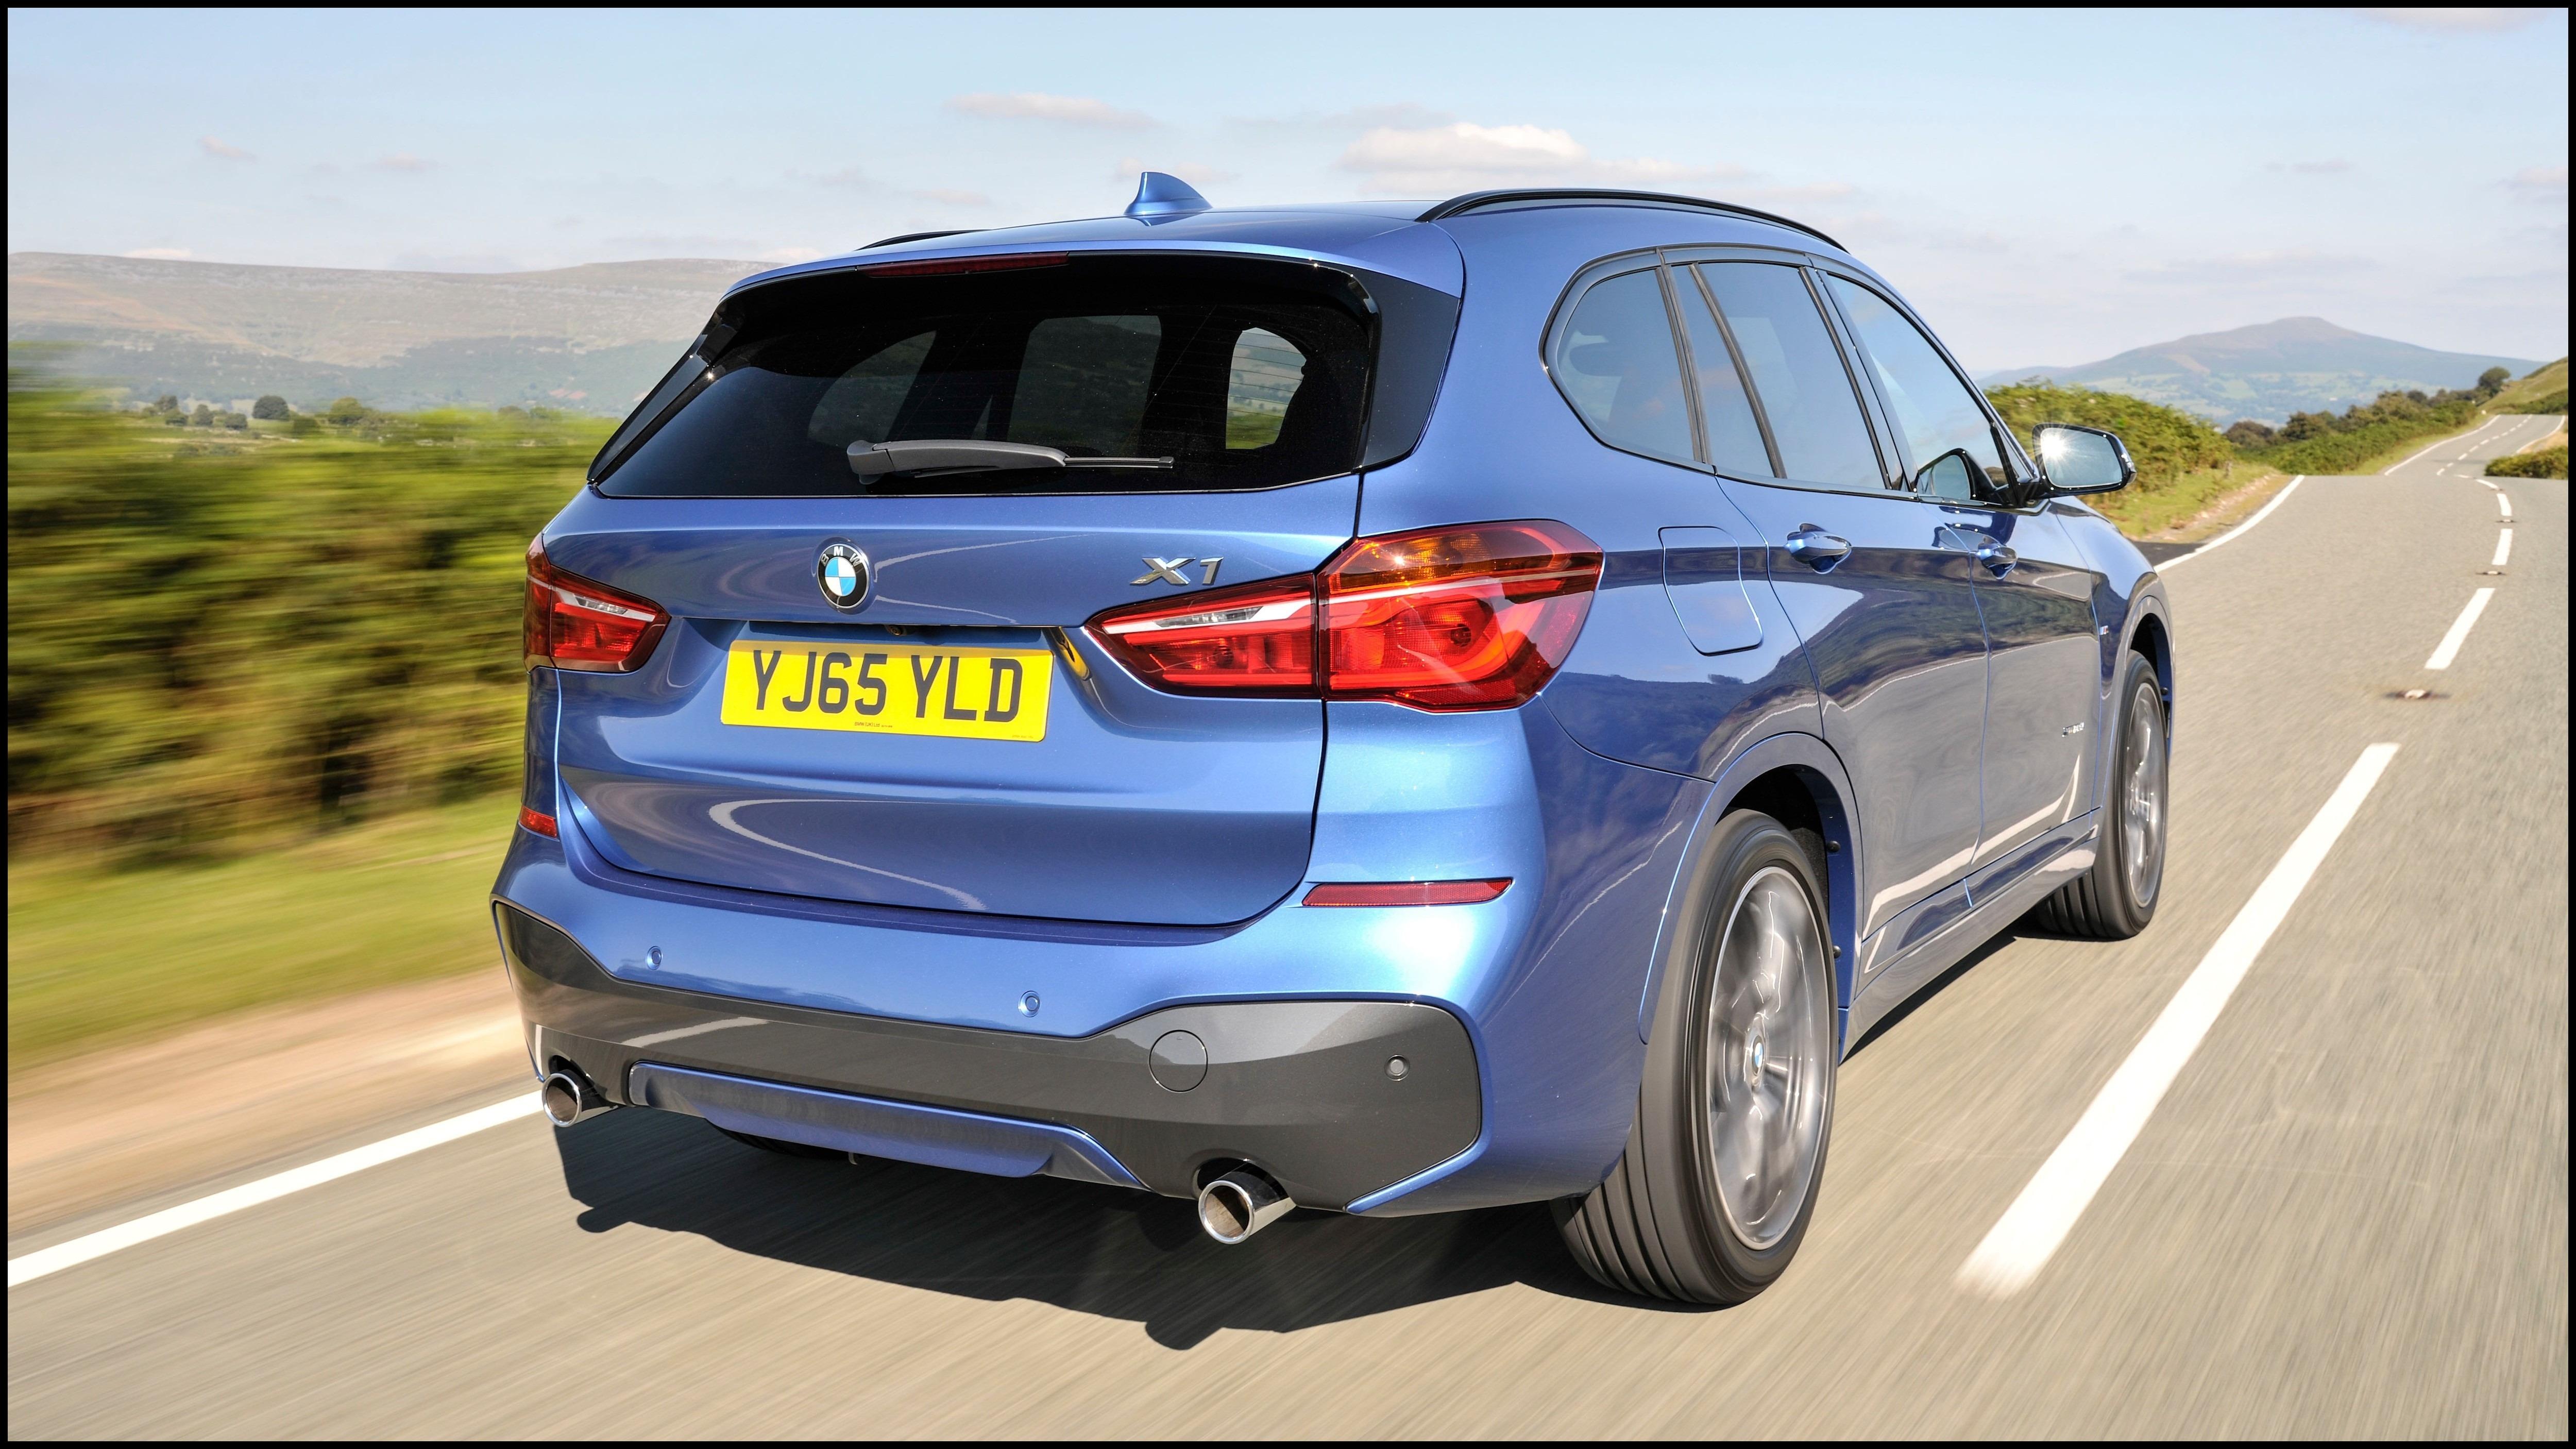 Bmw Smart Car Price New 2018 Bmw X5 Elegant 2019 Bmw X1 Best Cars 2019 Bmw